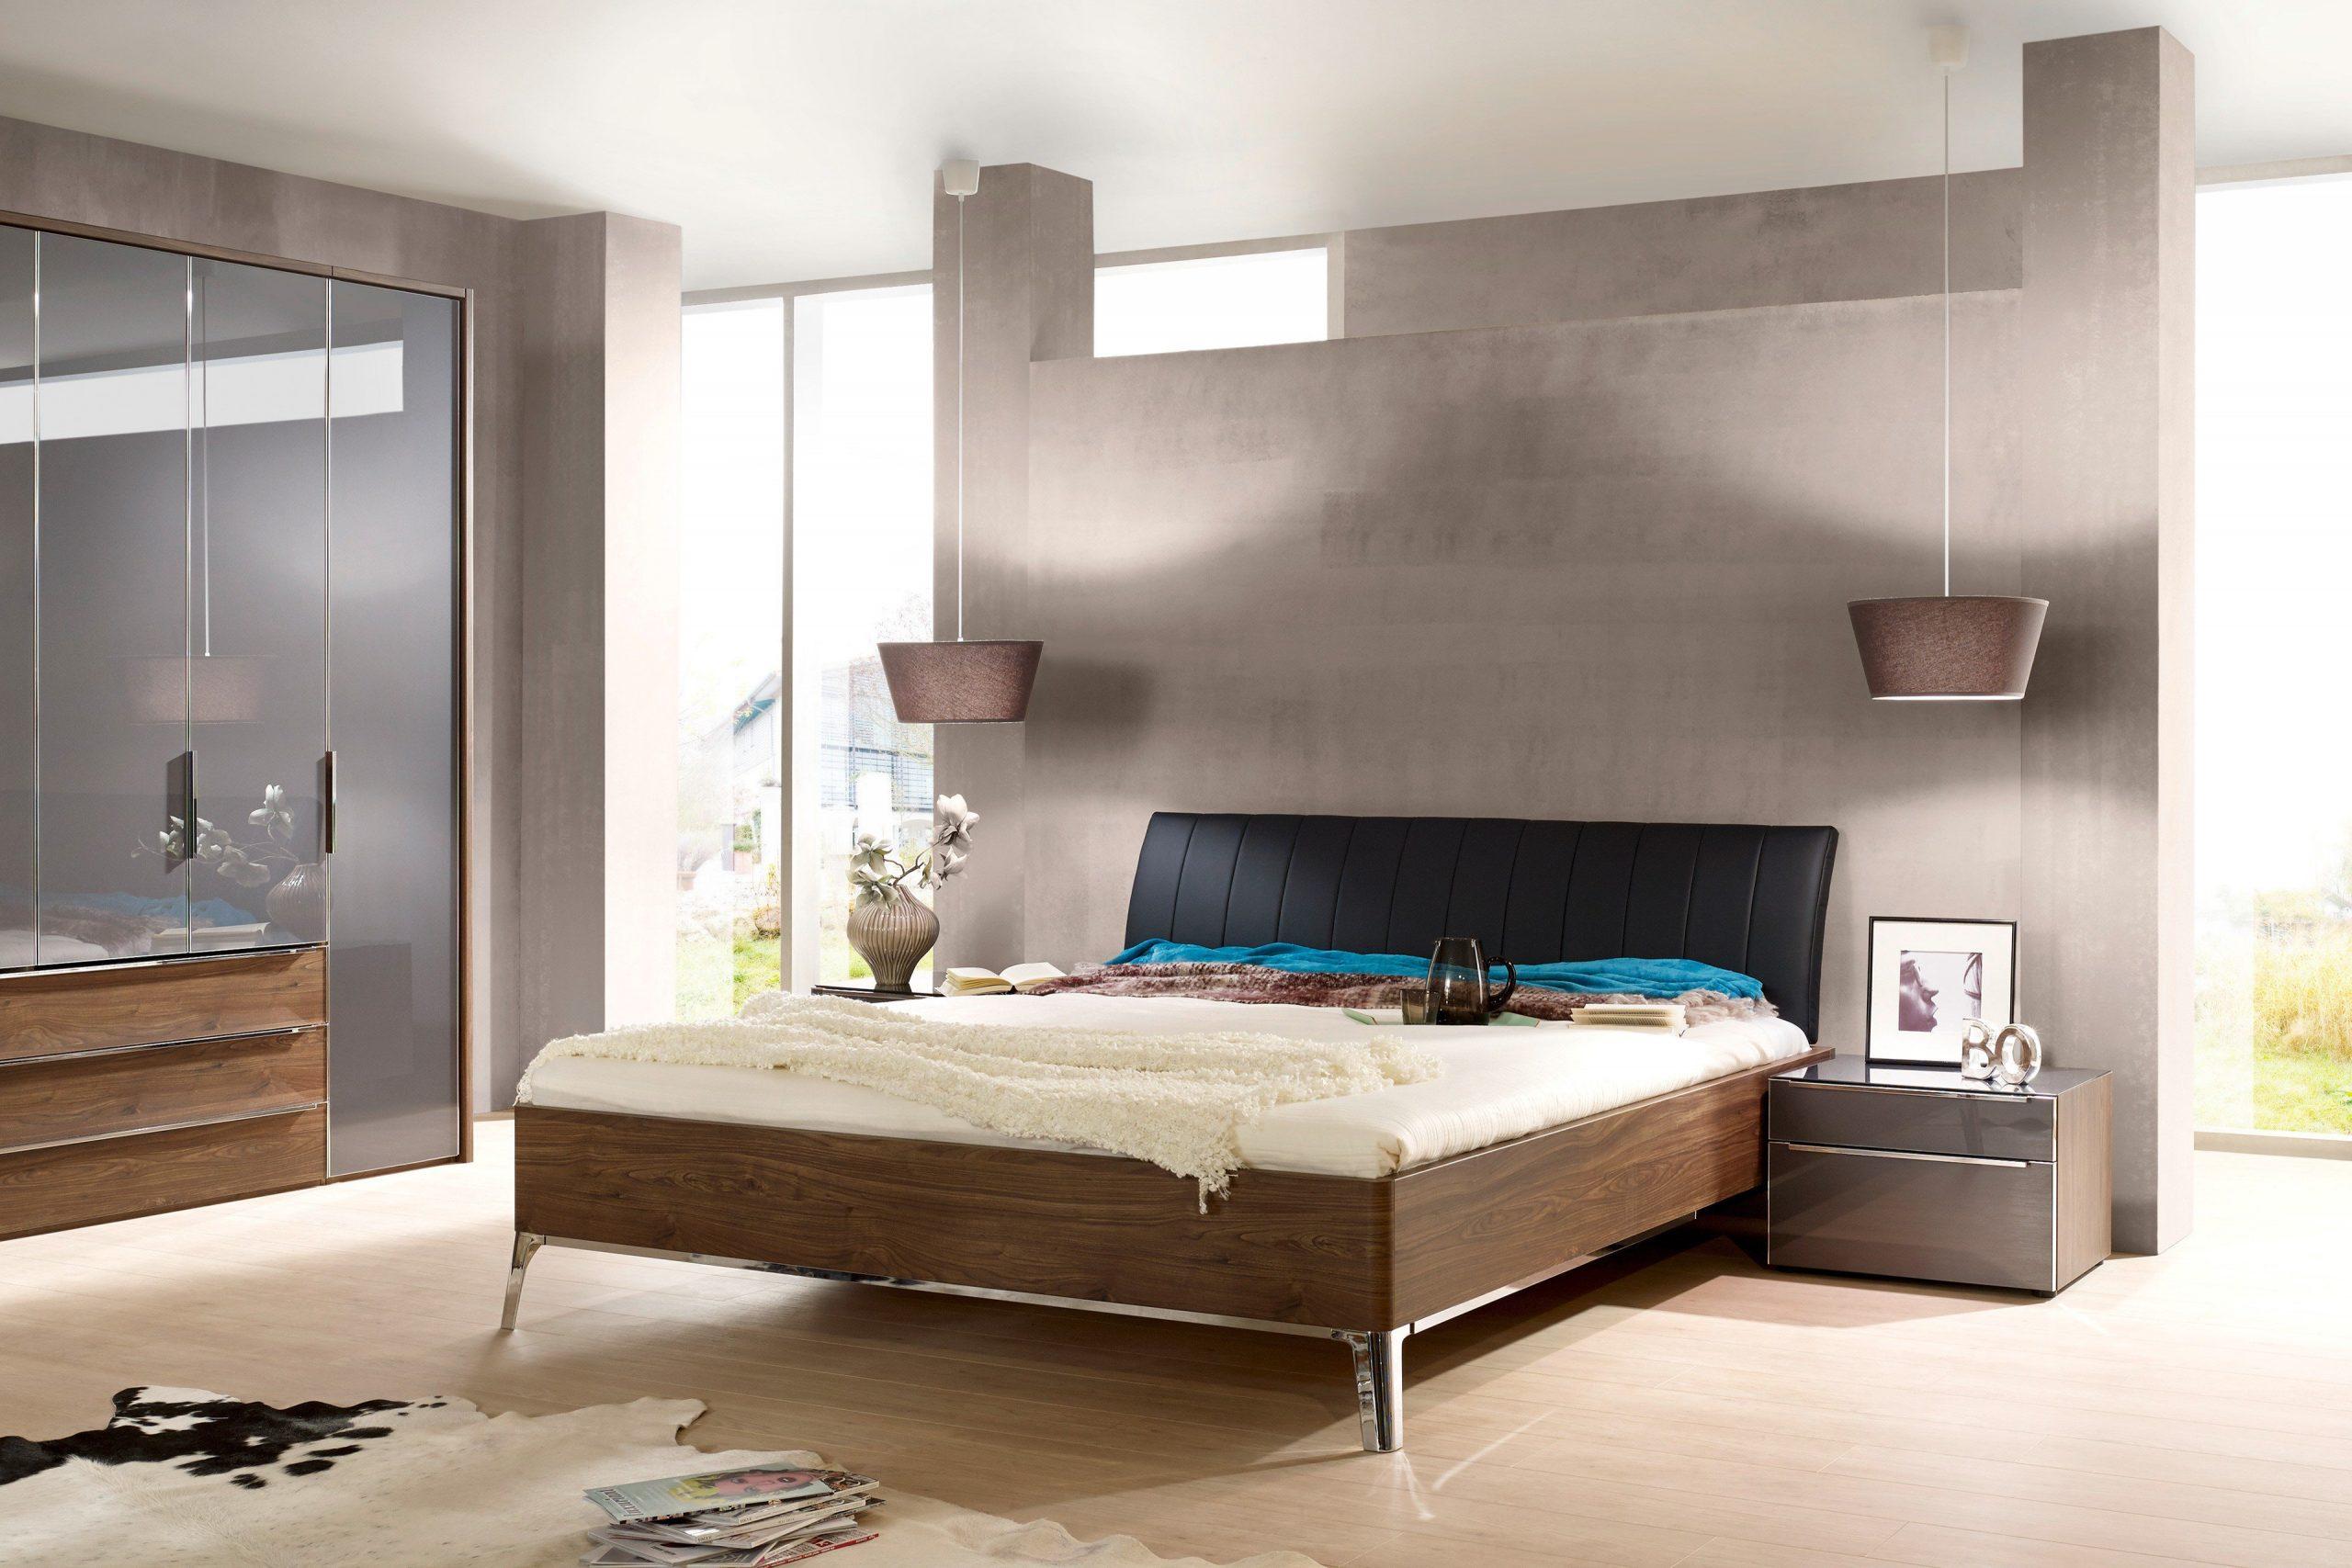 Full Size of Nolte Betten Bett Sonyo 200x200 Germersheim 180x200 Essen Konfigurator Schlafzimmer 140x200 Mit Bettkasten Bettenparadies Hagen Preise Plus Von Nussbaum Bett Nolte Betten